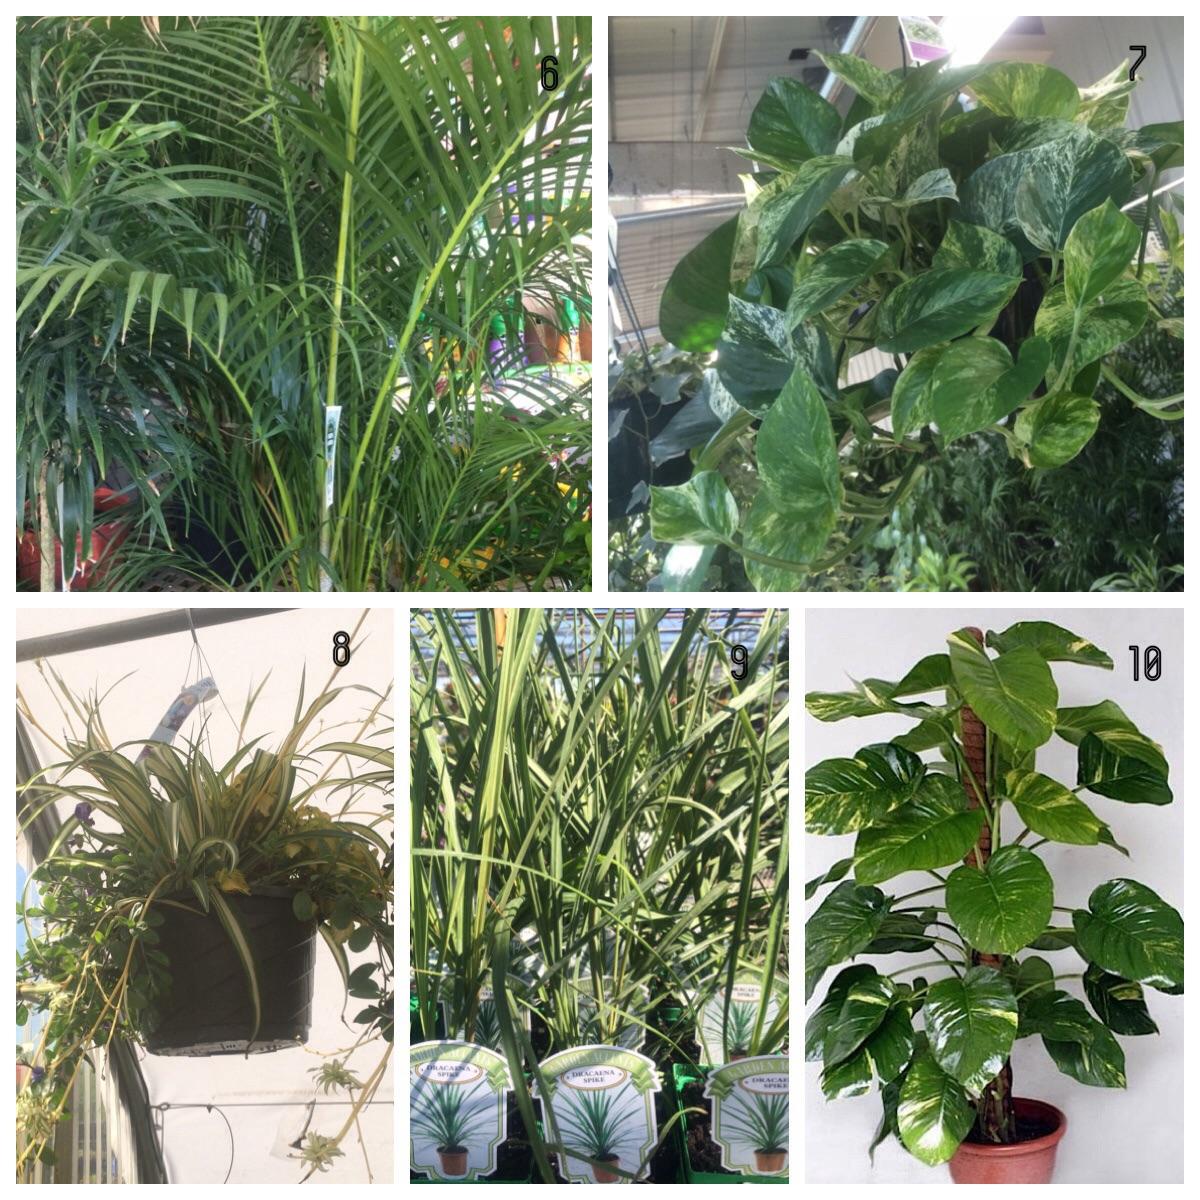 Las mejores plantas para el interior del hogar - Plantas de interior purificadoras del aire del hogar ...